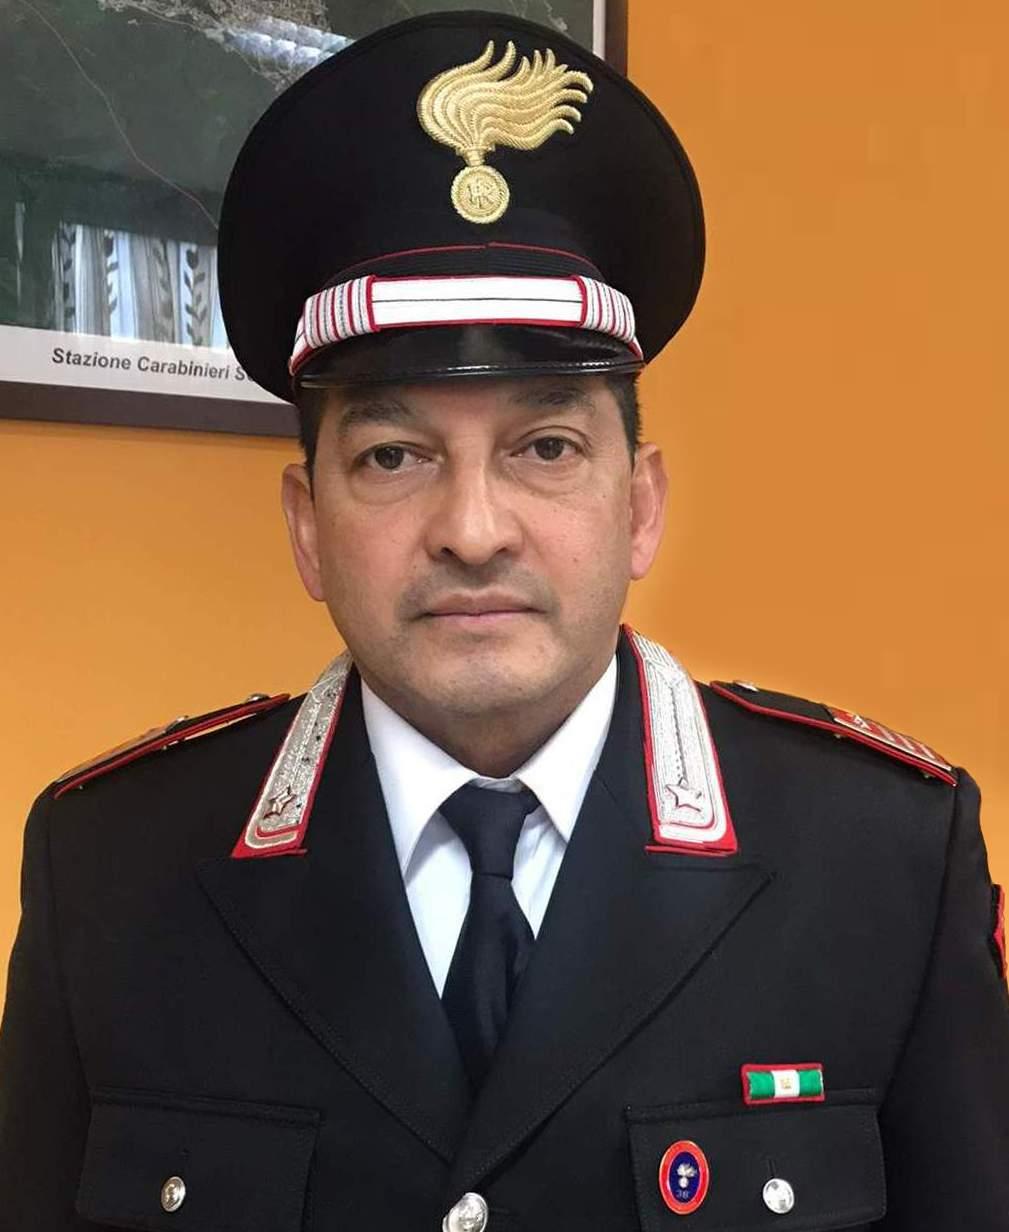 Solofra| Carabinieri, è il luogotenente Morelli il nuovo comandante della stazione